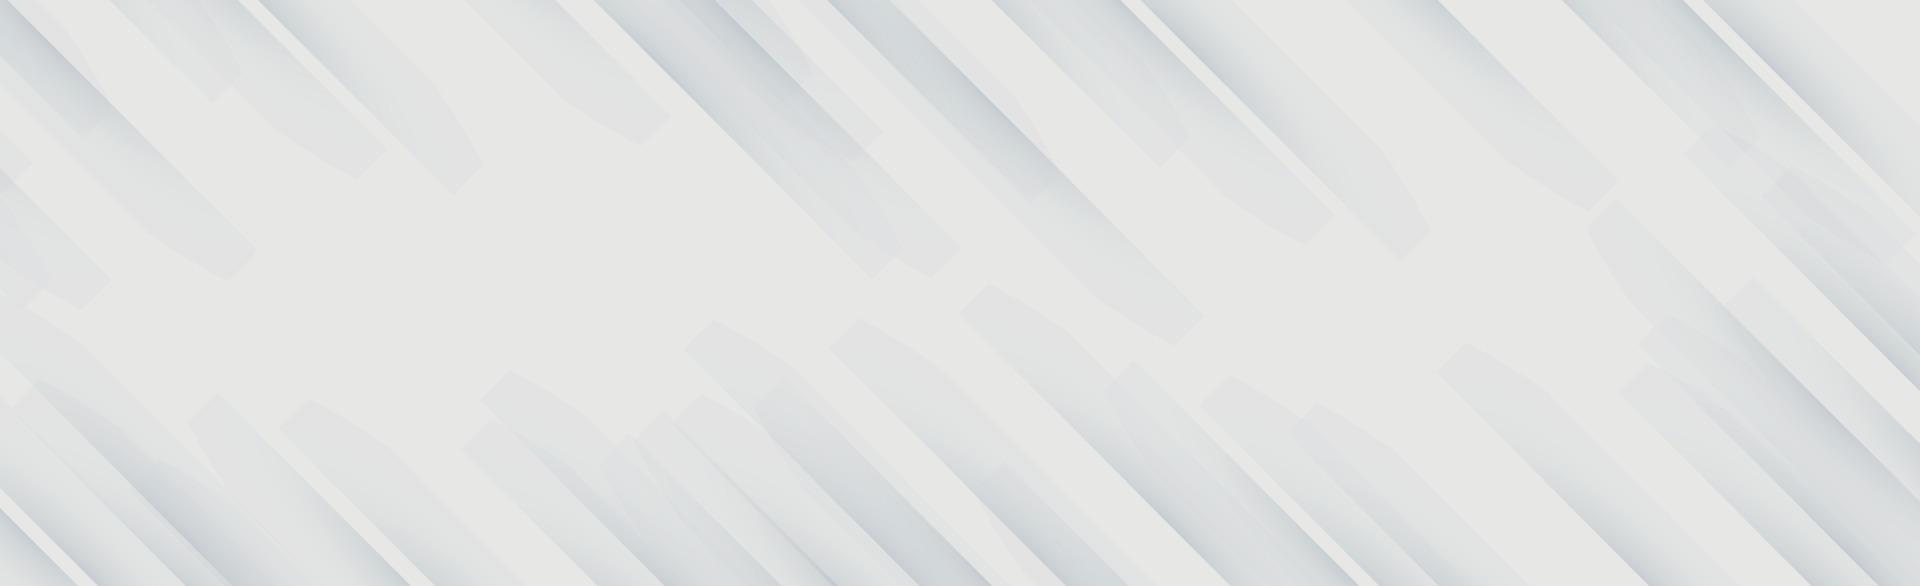 Fondo panorámico de vector blanco con líneas onduladas